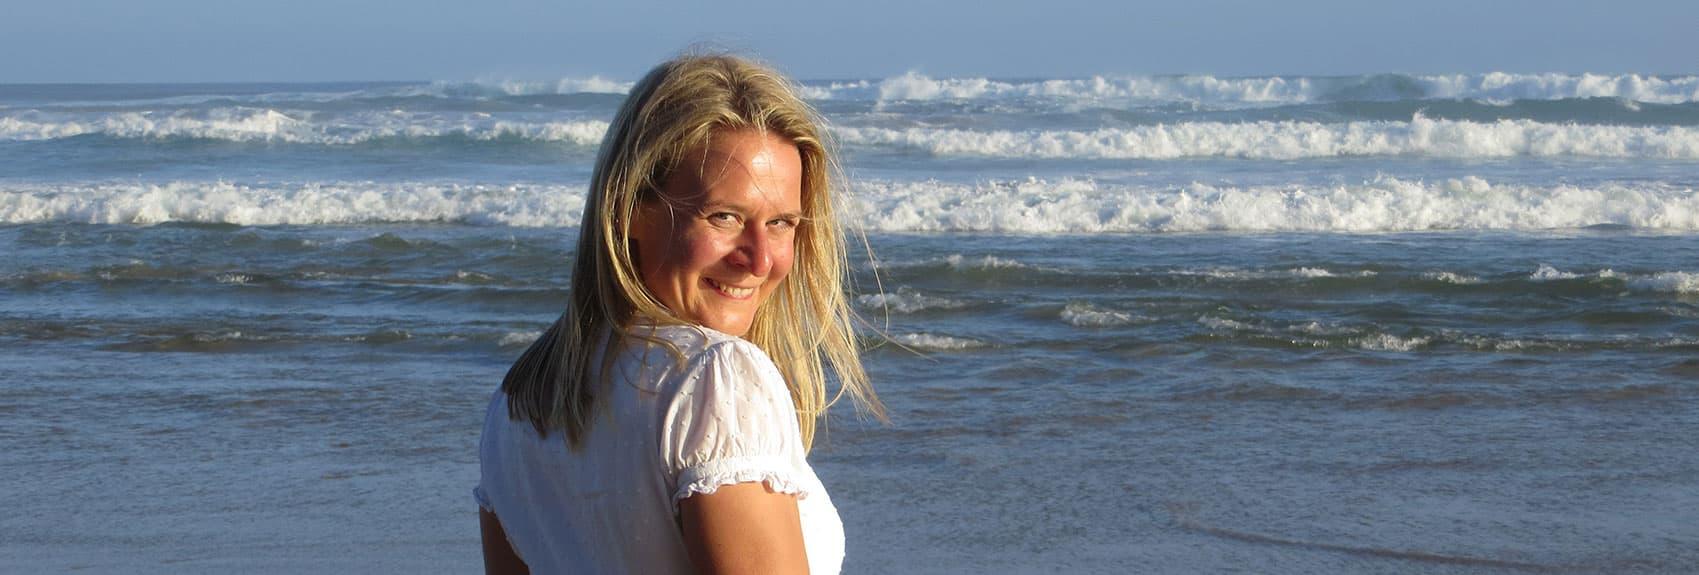 Kontaktdetails zu Melanie Binder